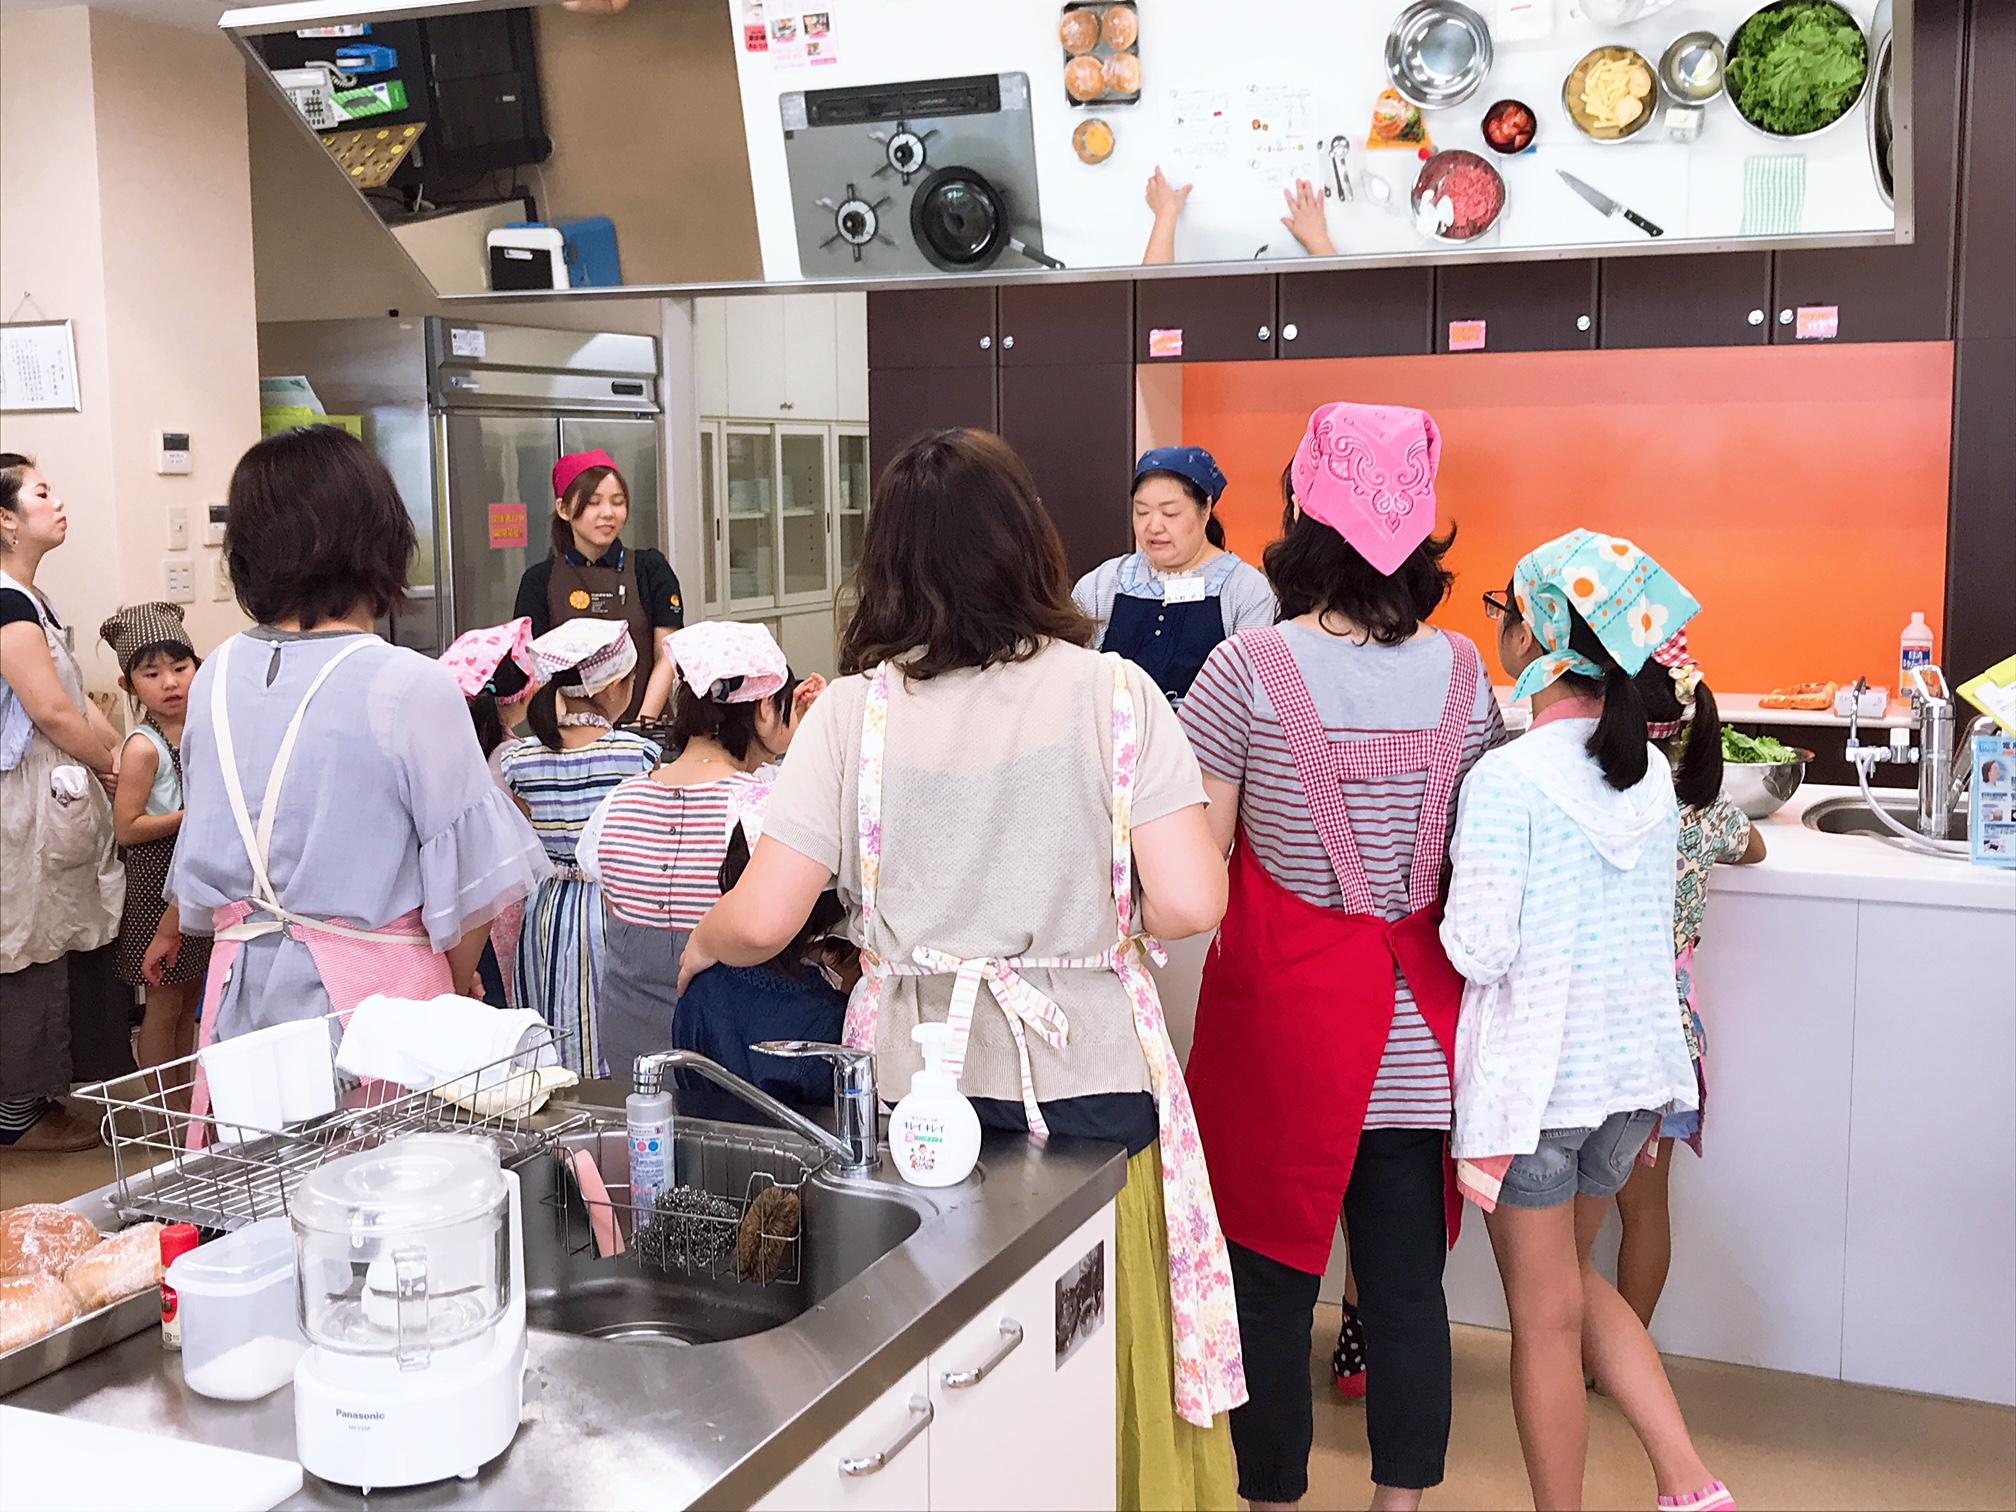 夏休み!親子で楽しく手作りハンバーガーコース イメージ